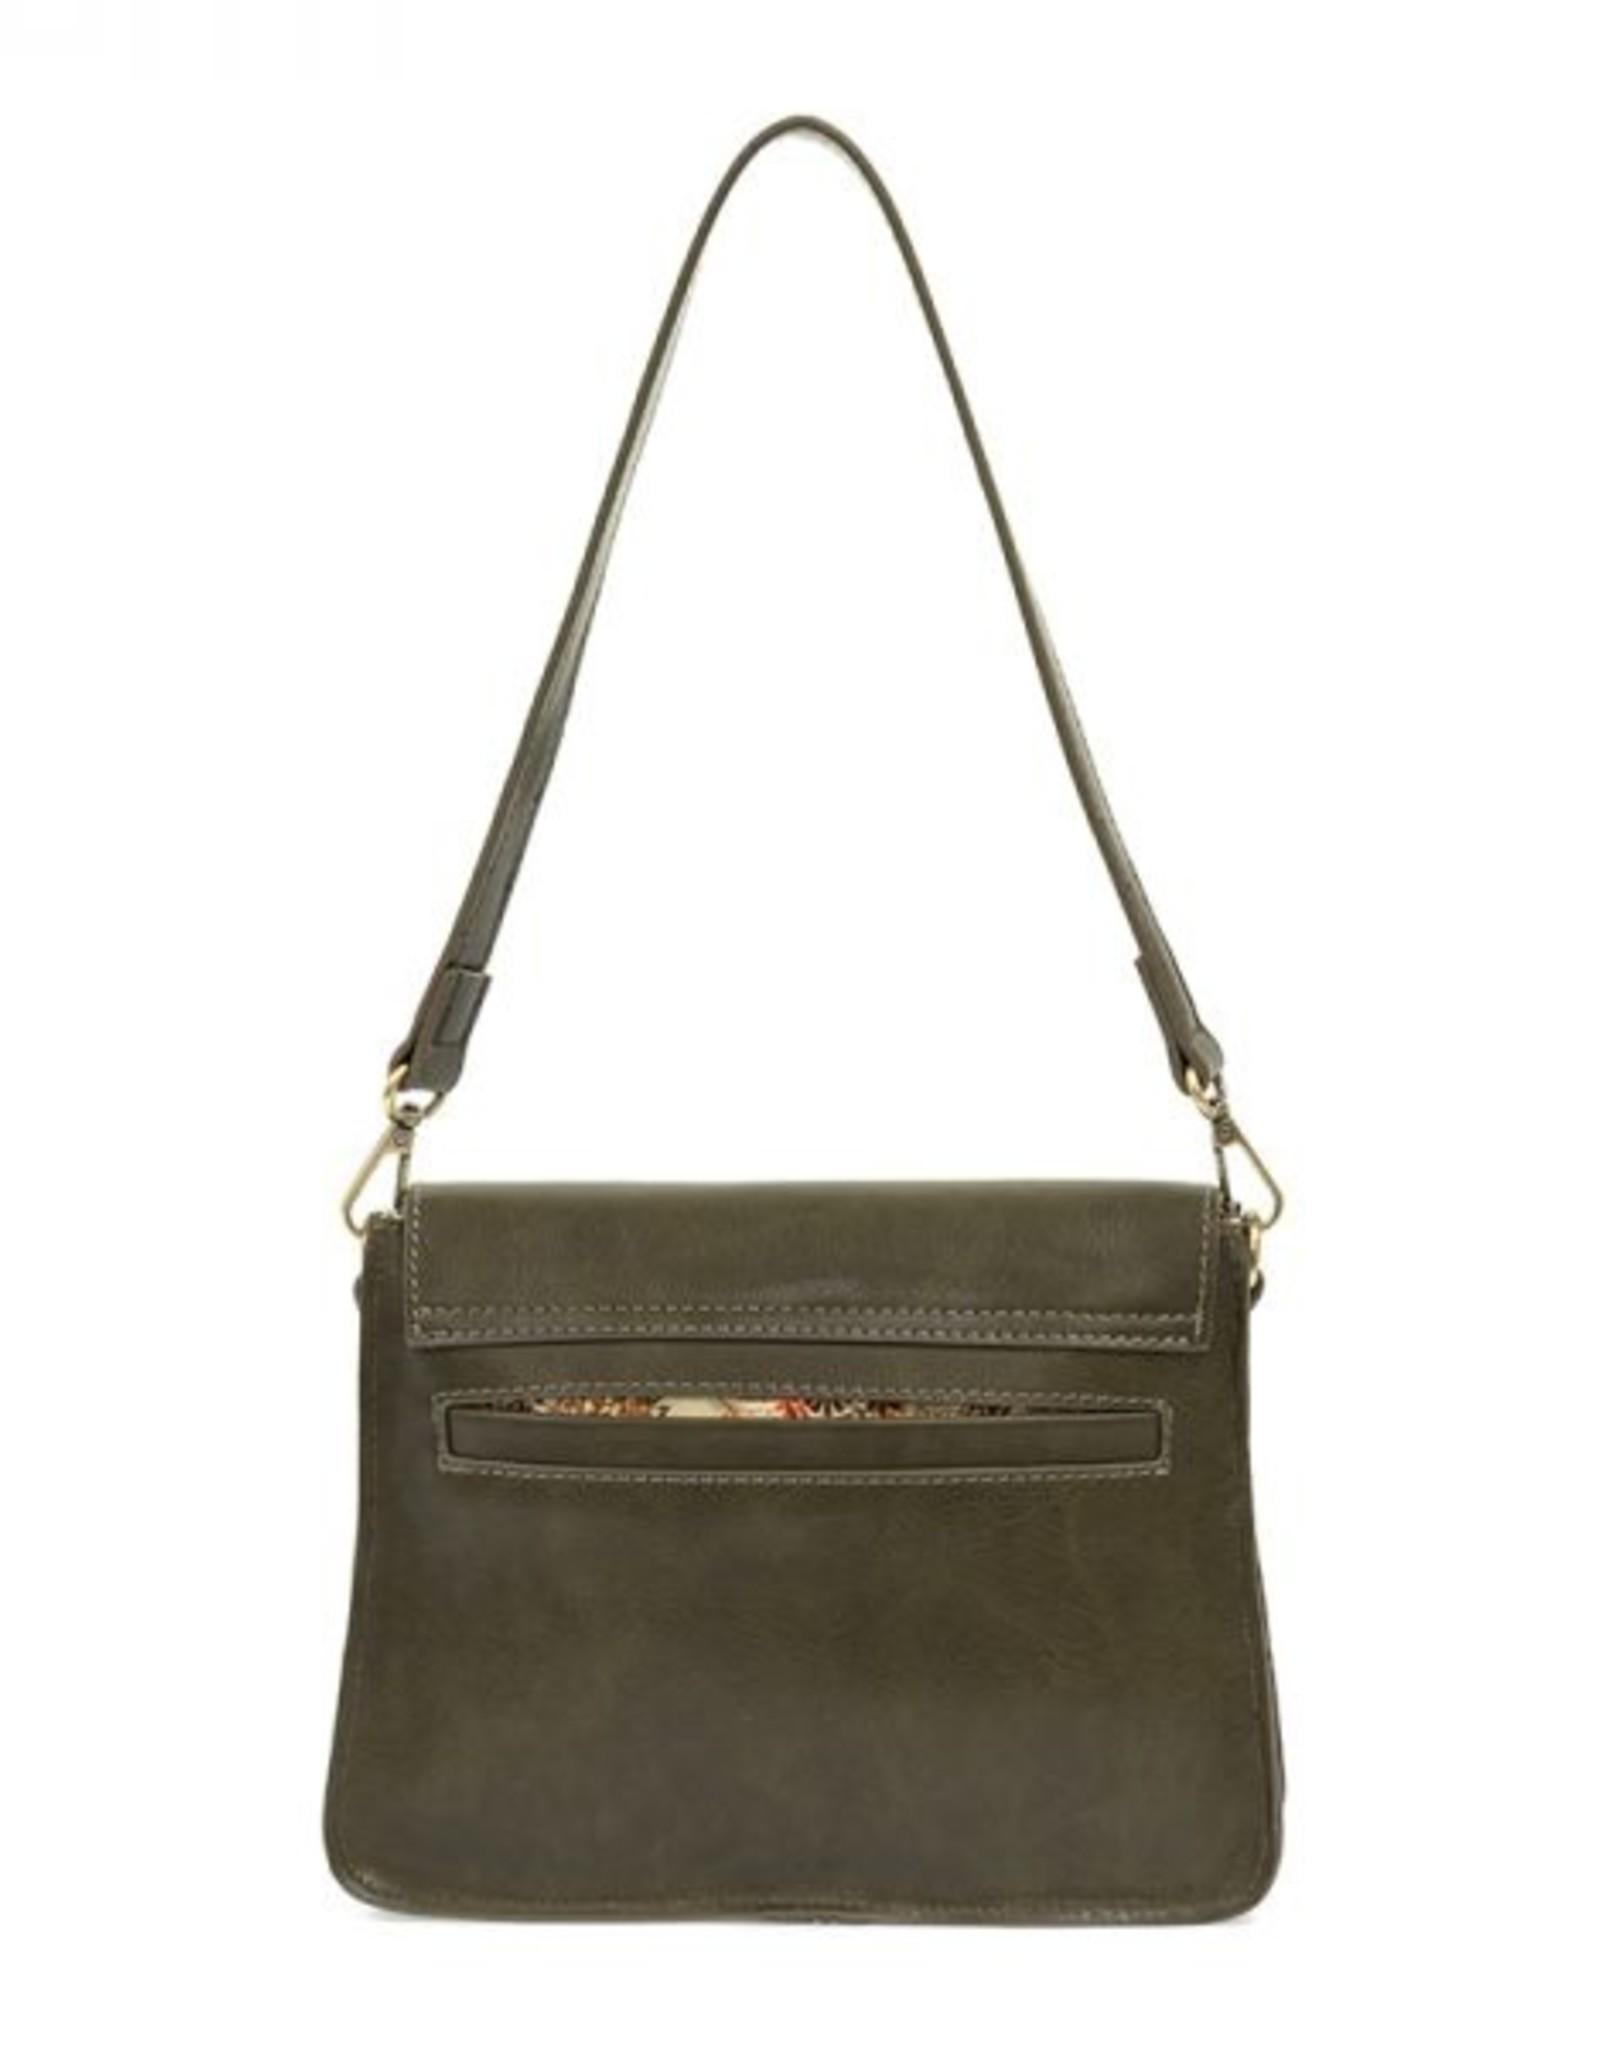 Joy Susan Accessories Drea Convertible Buckle Handbag